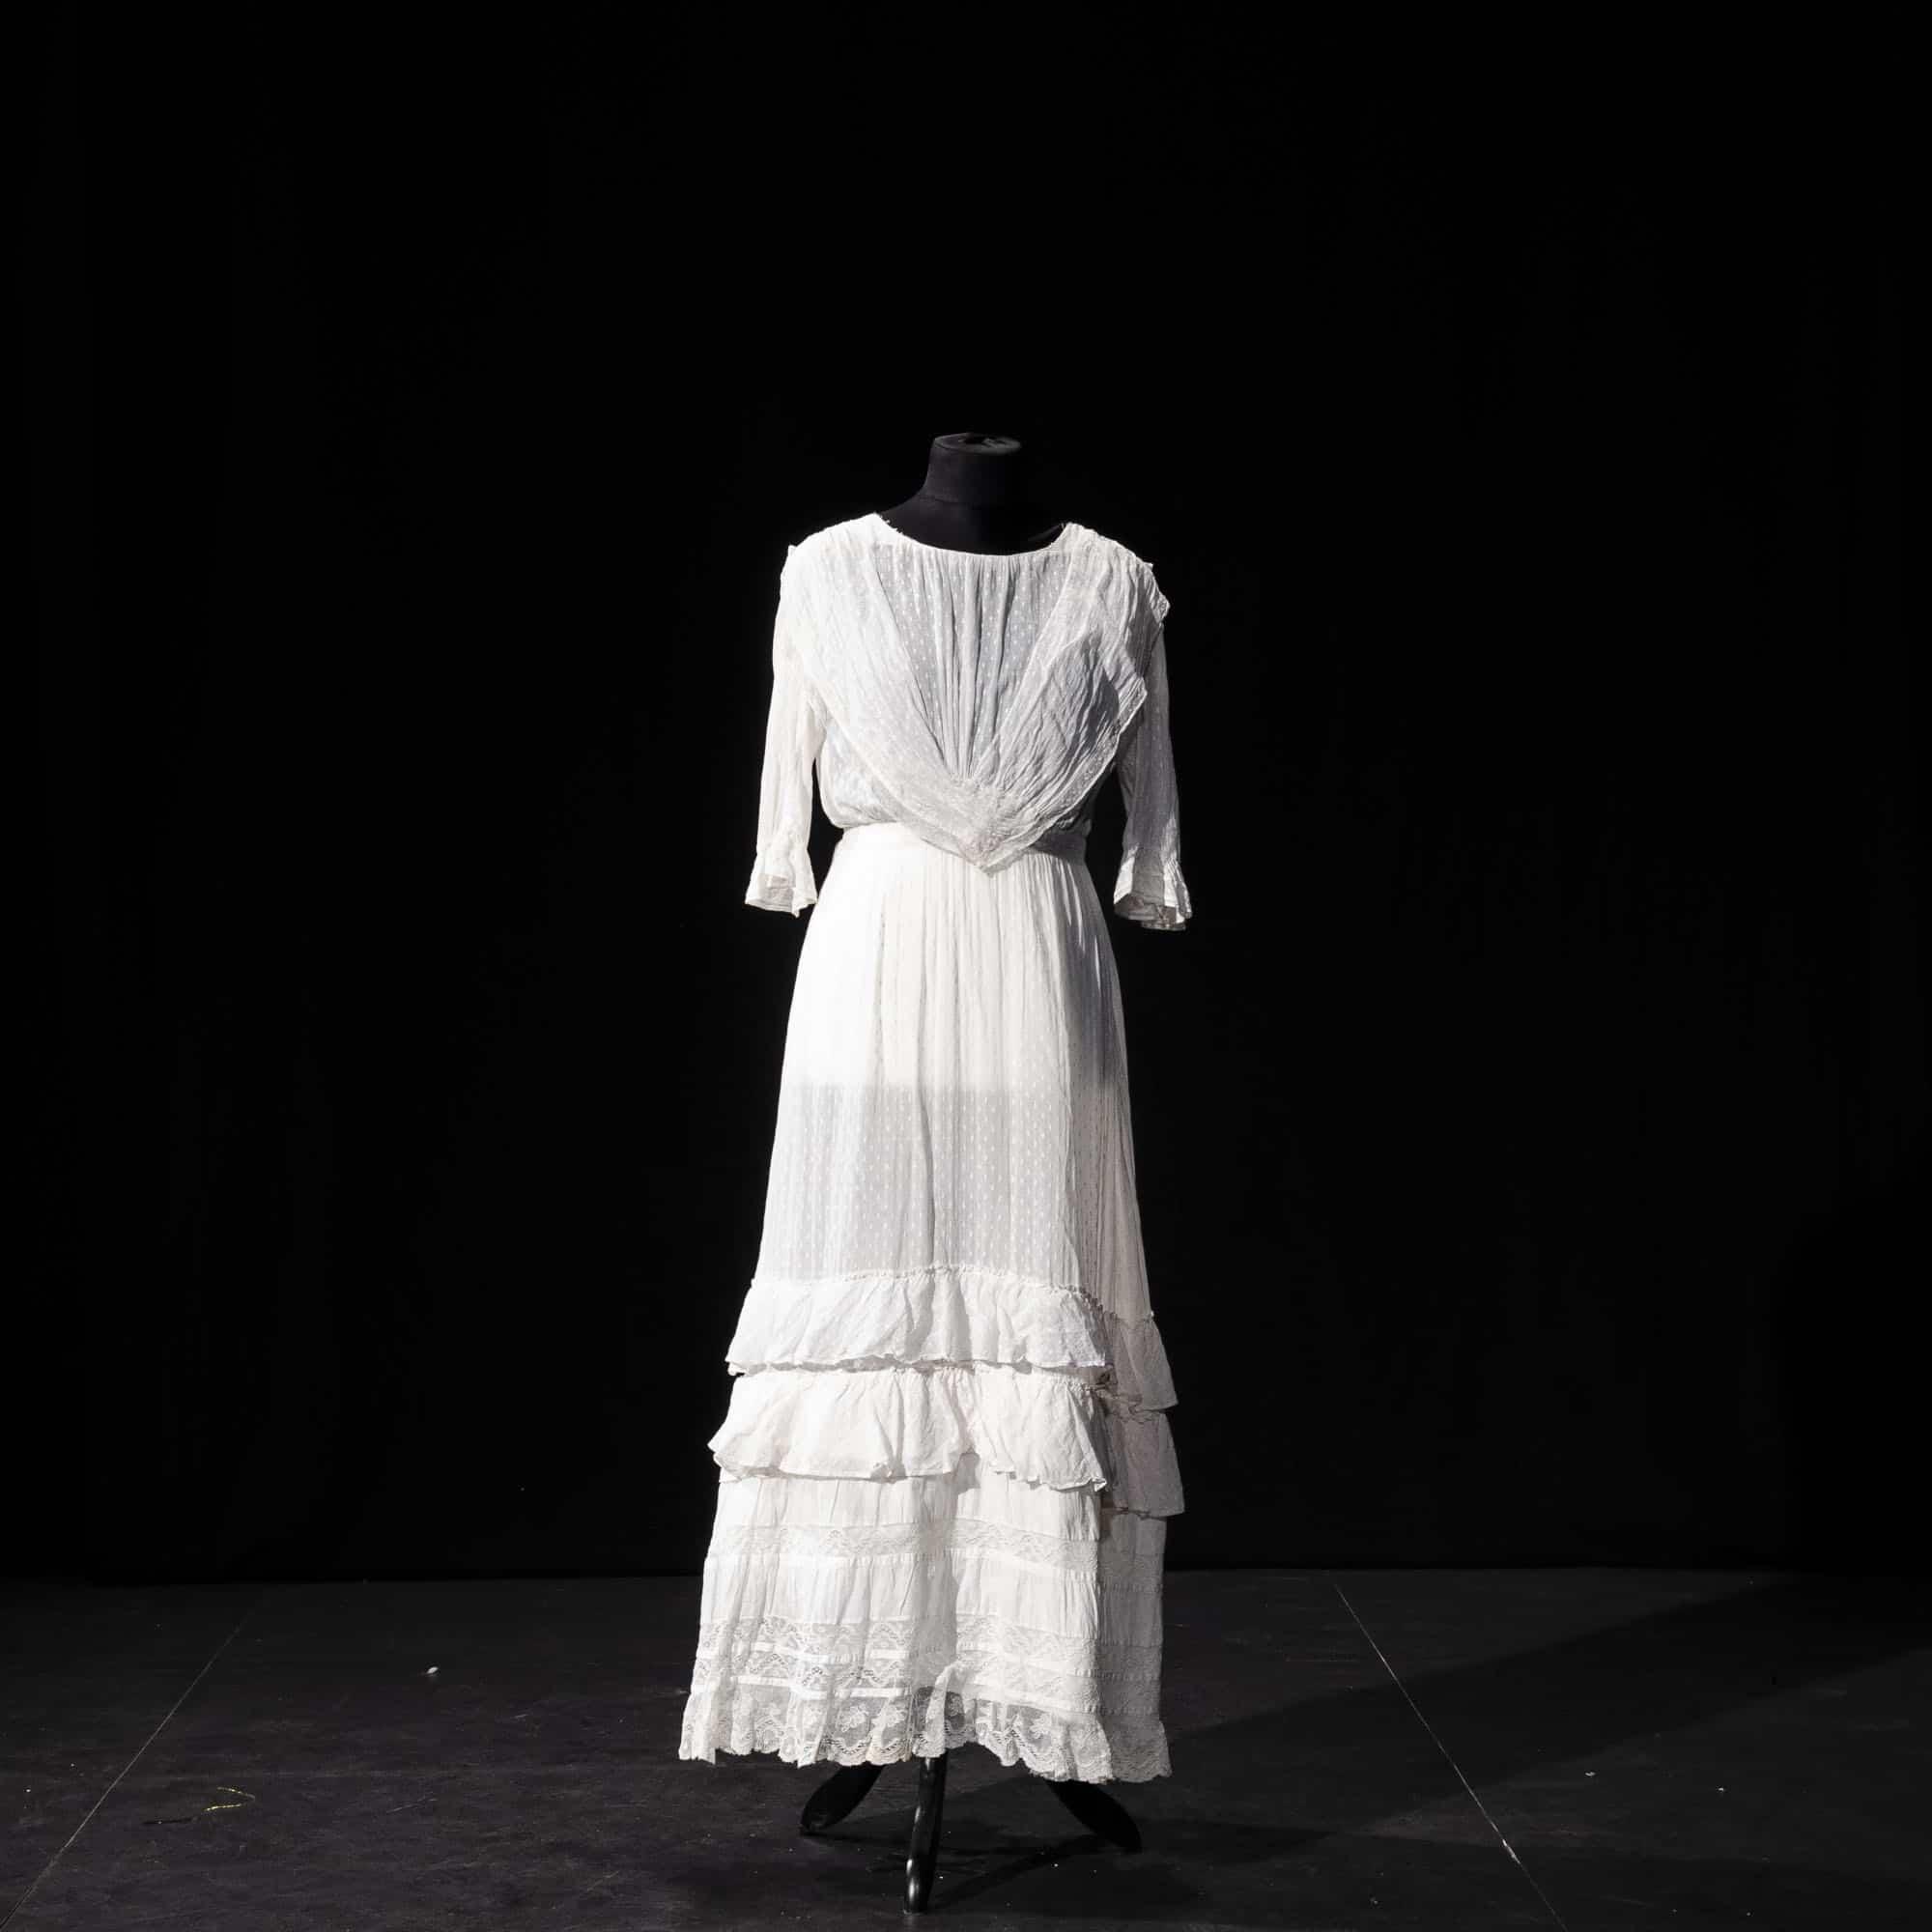 Sommerkleid ED001